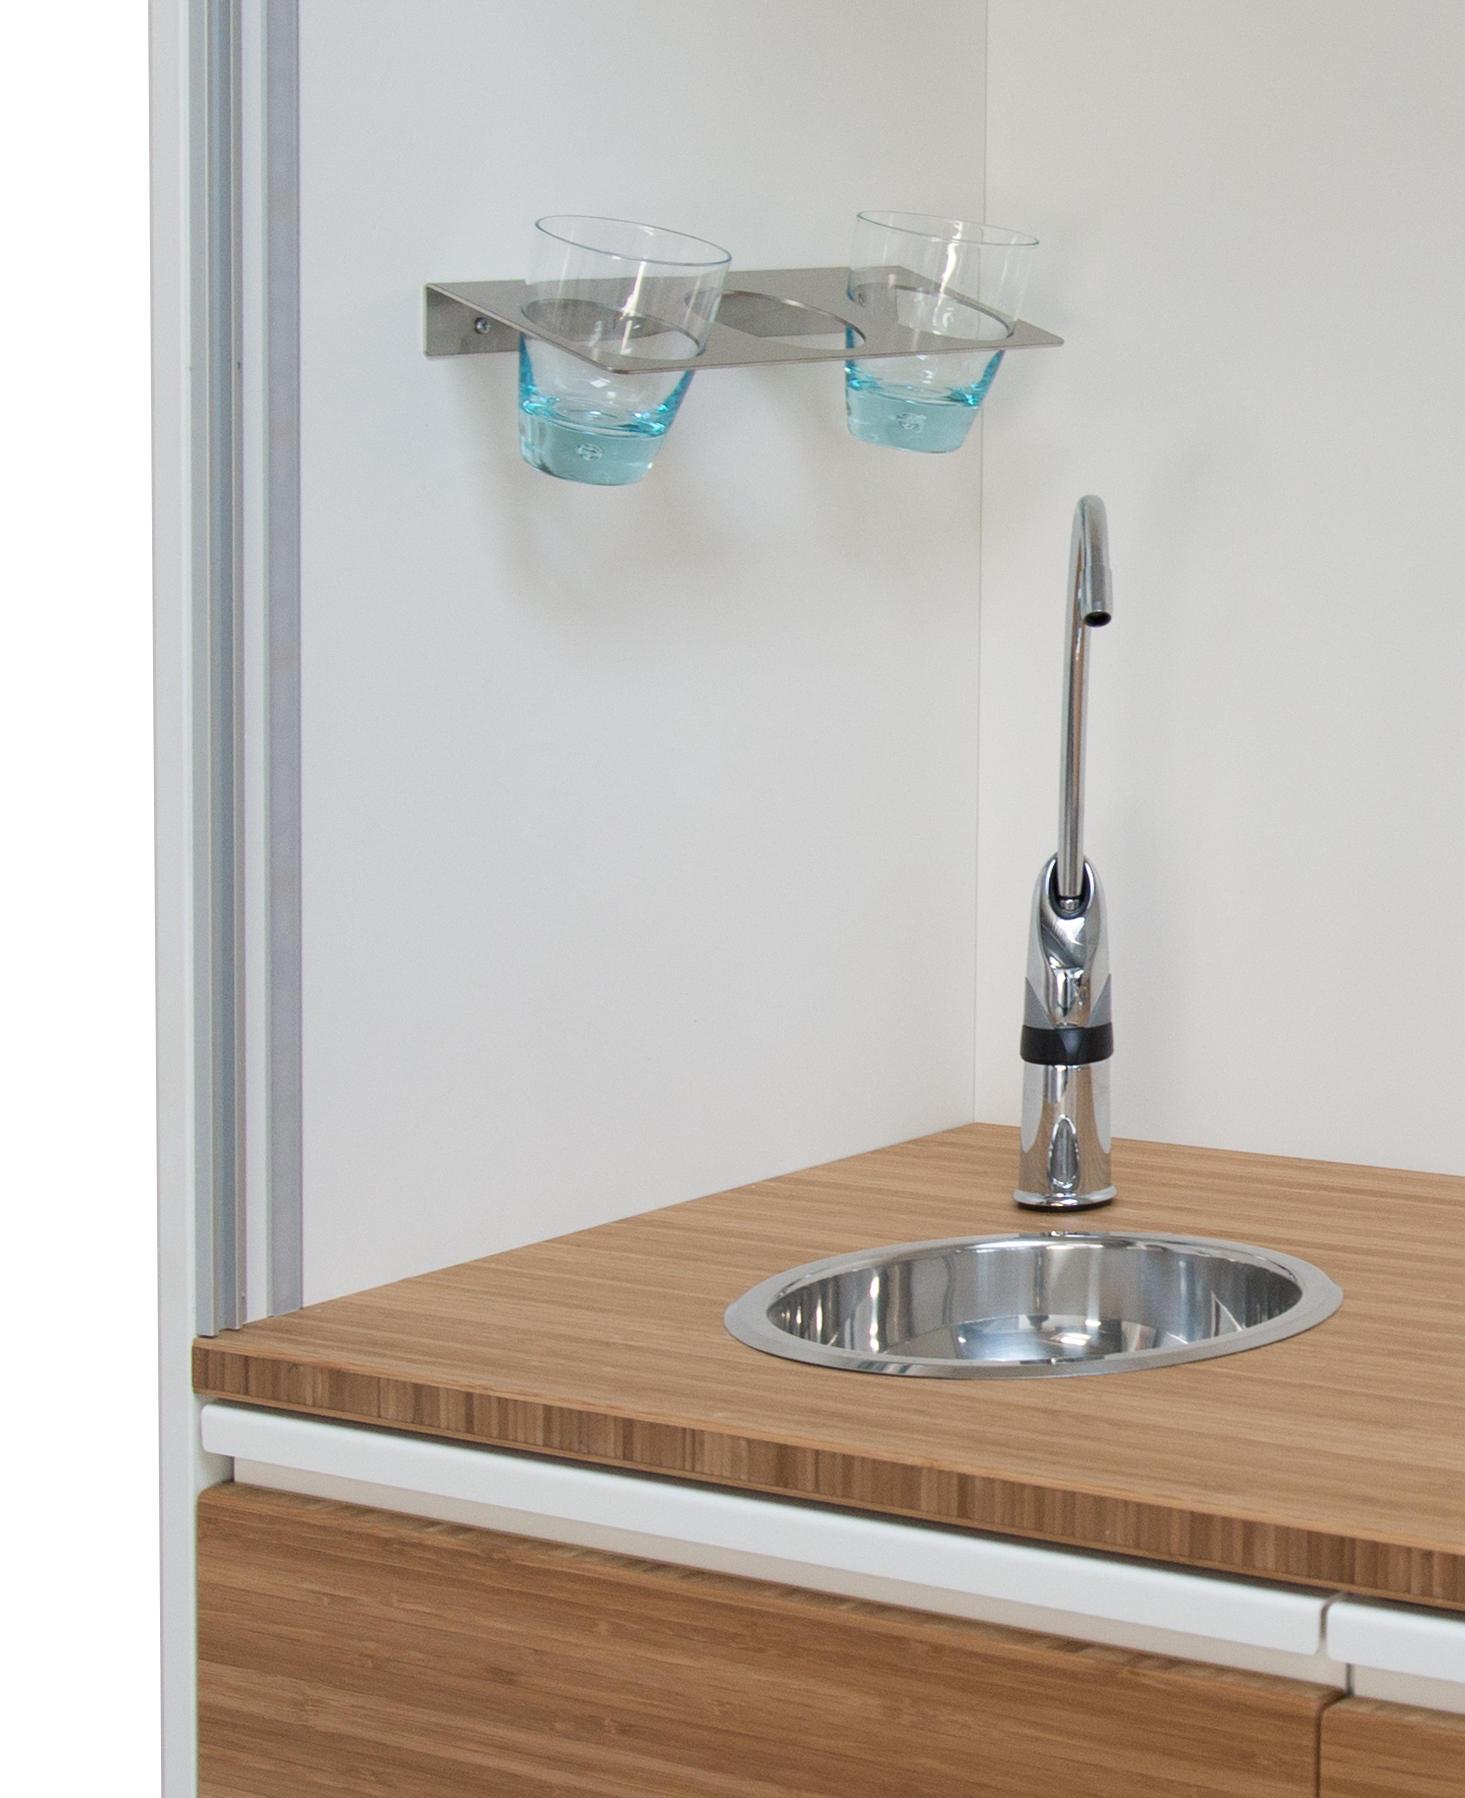 wasserbar barschr nke hausbars von leuwico architonic. Black Bedroom Furniture Sets. Home Design Ideas